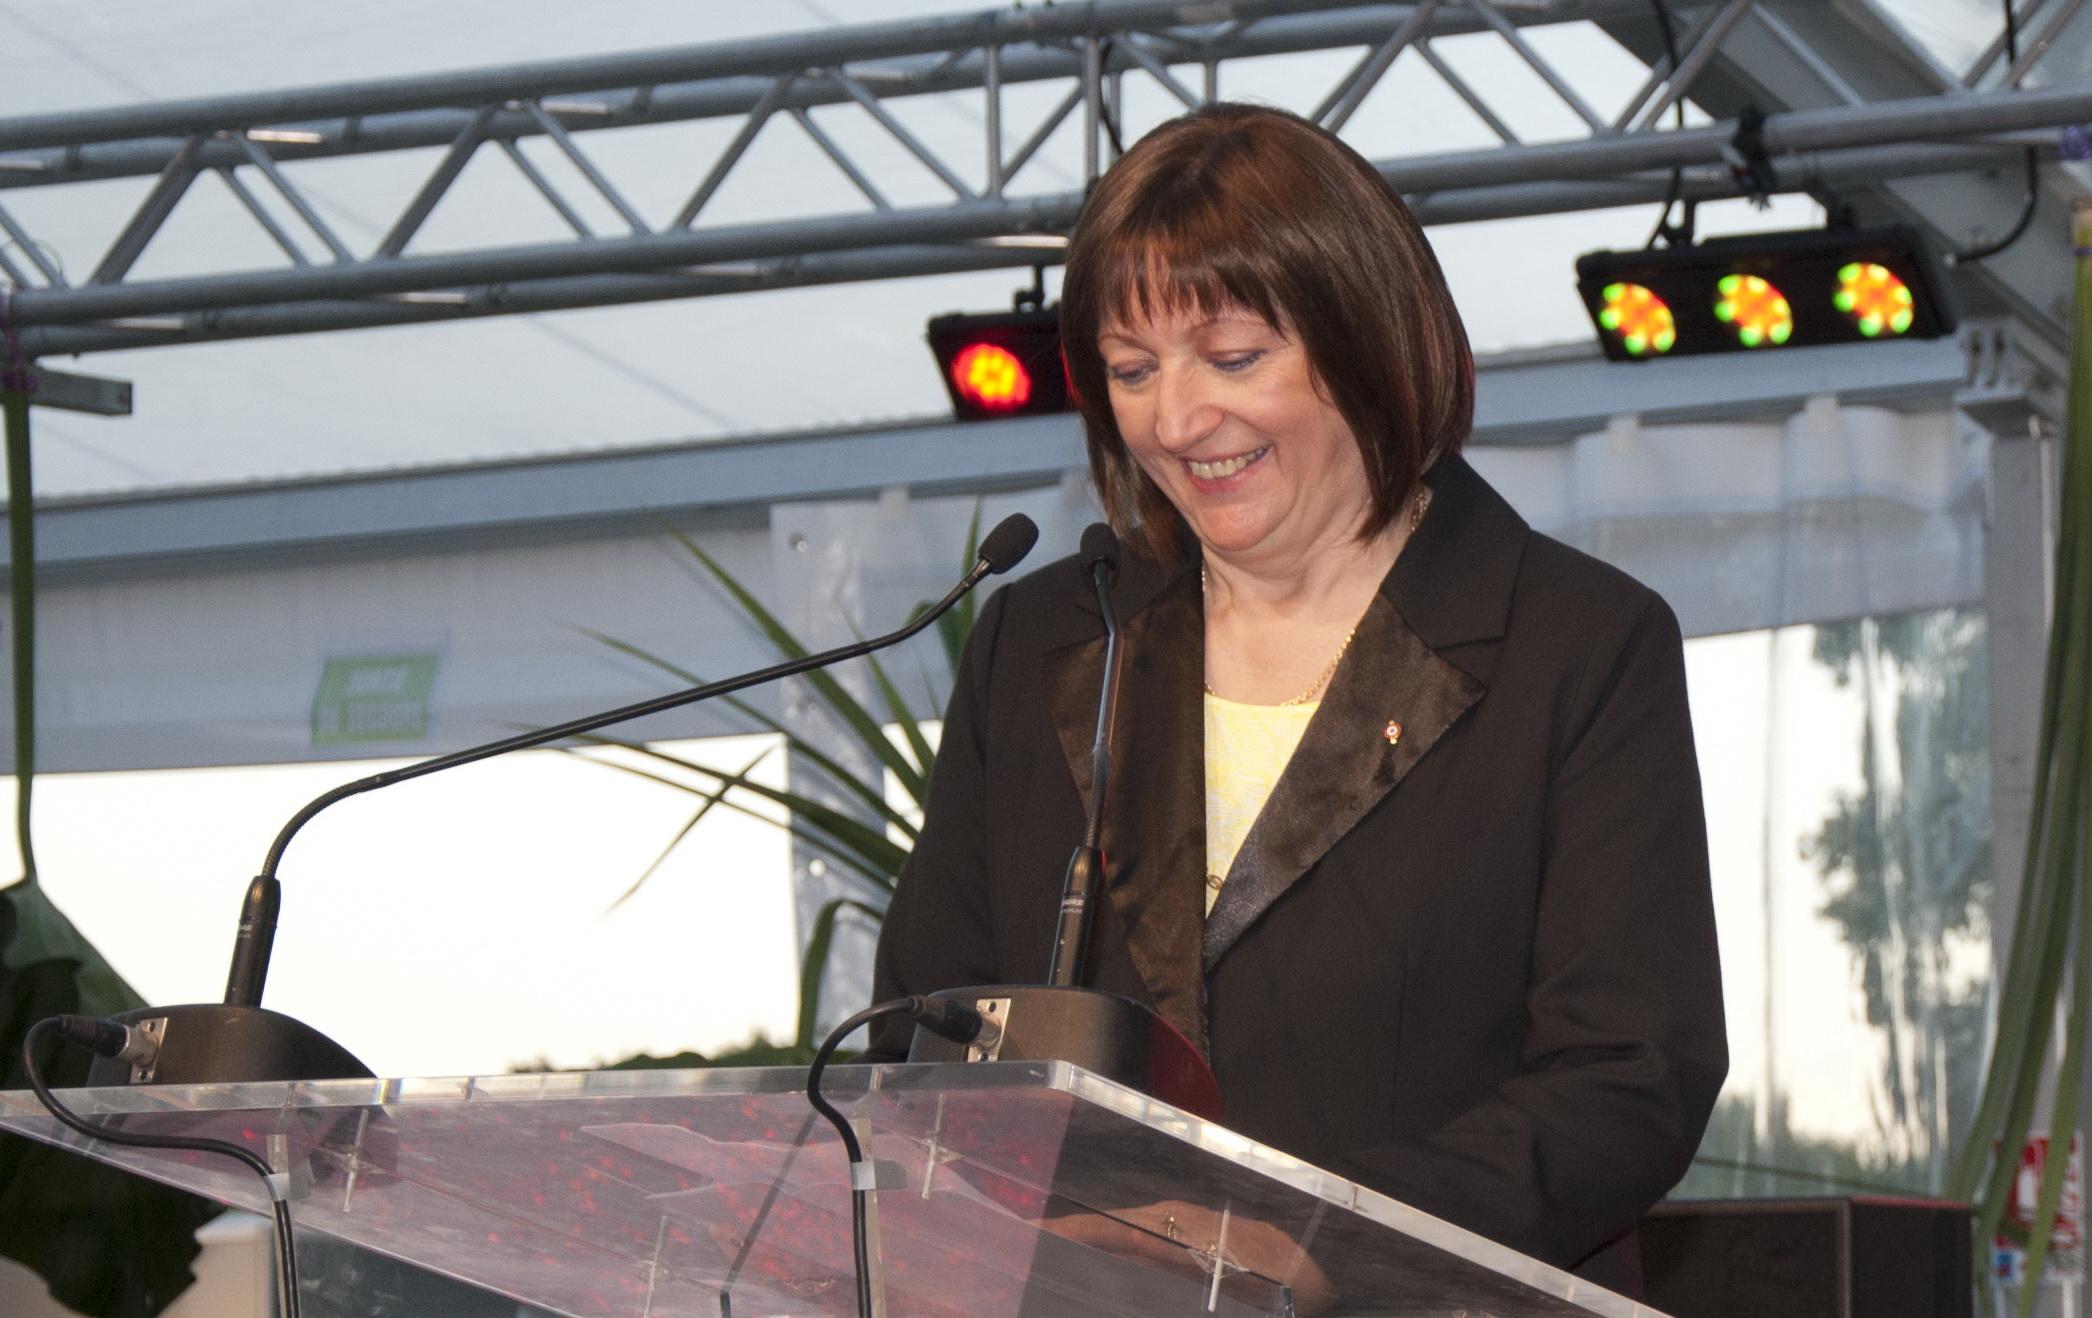 Municipales Rochetaillée-sur-Saône 2014. Rita Spitéri ne rempile pas